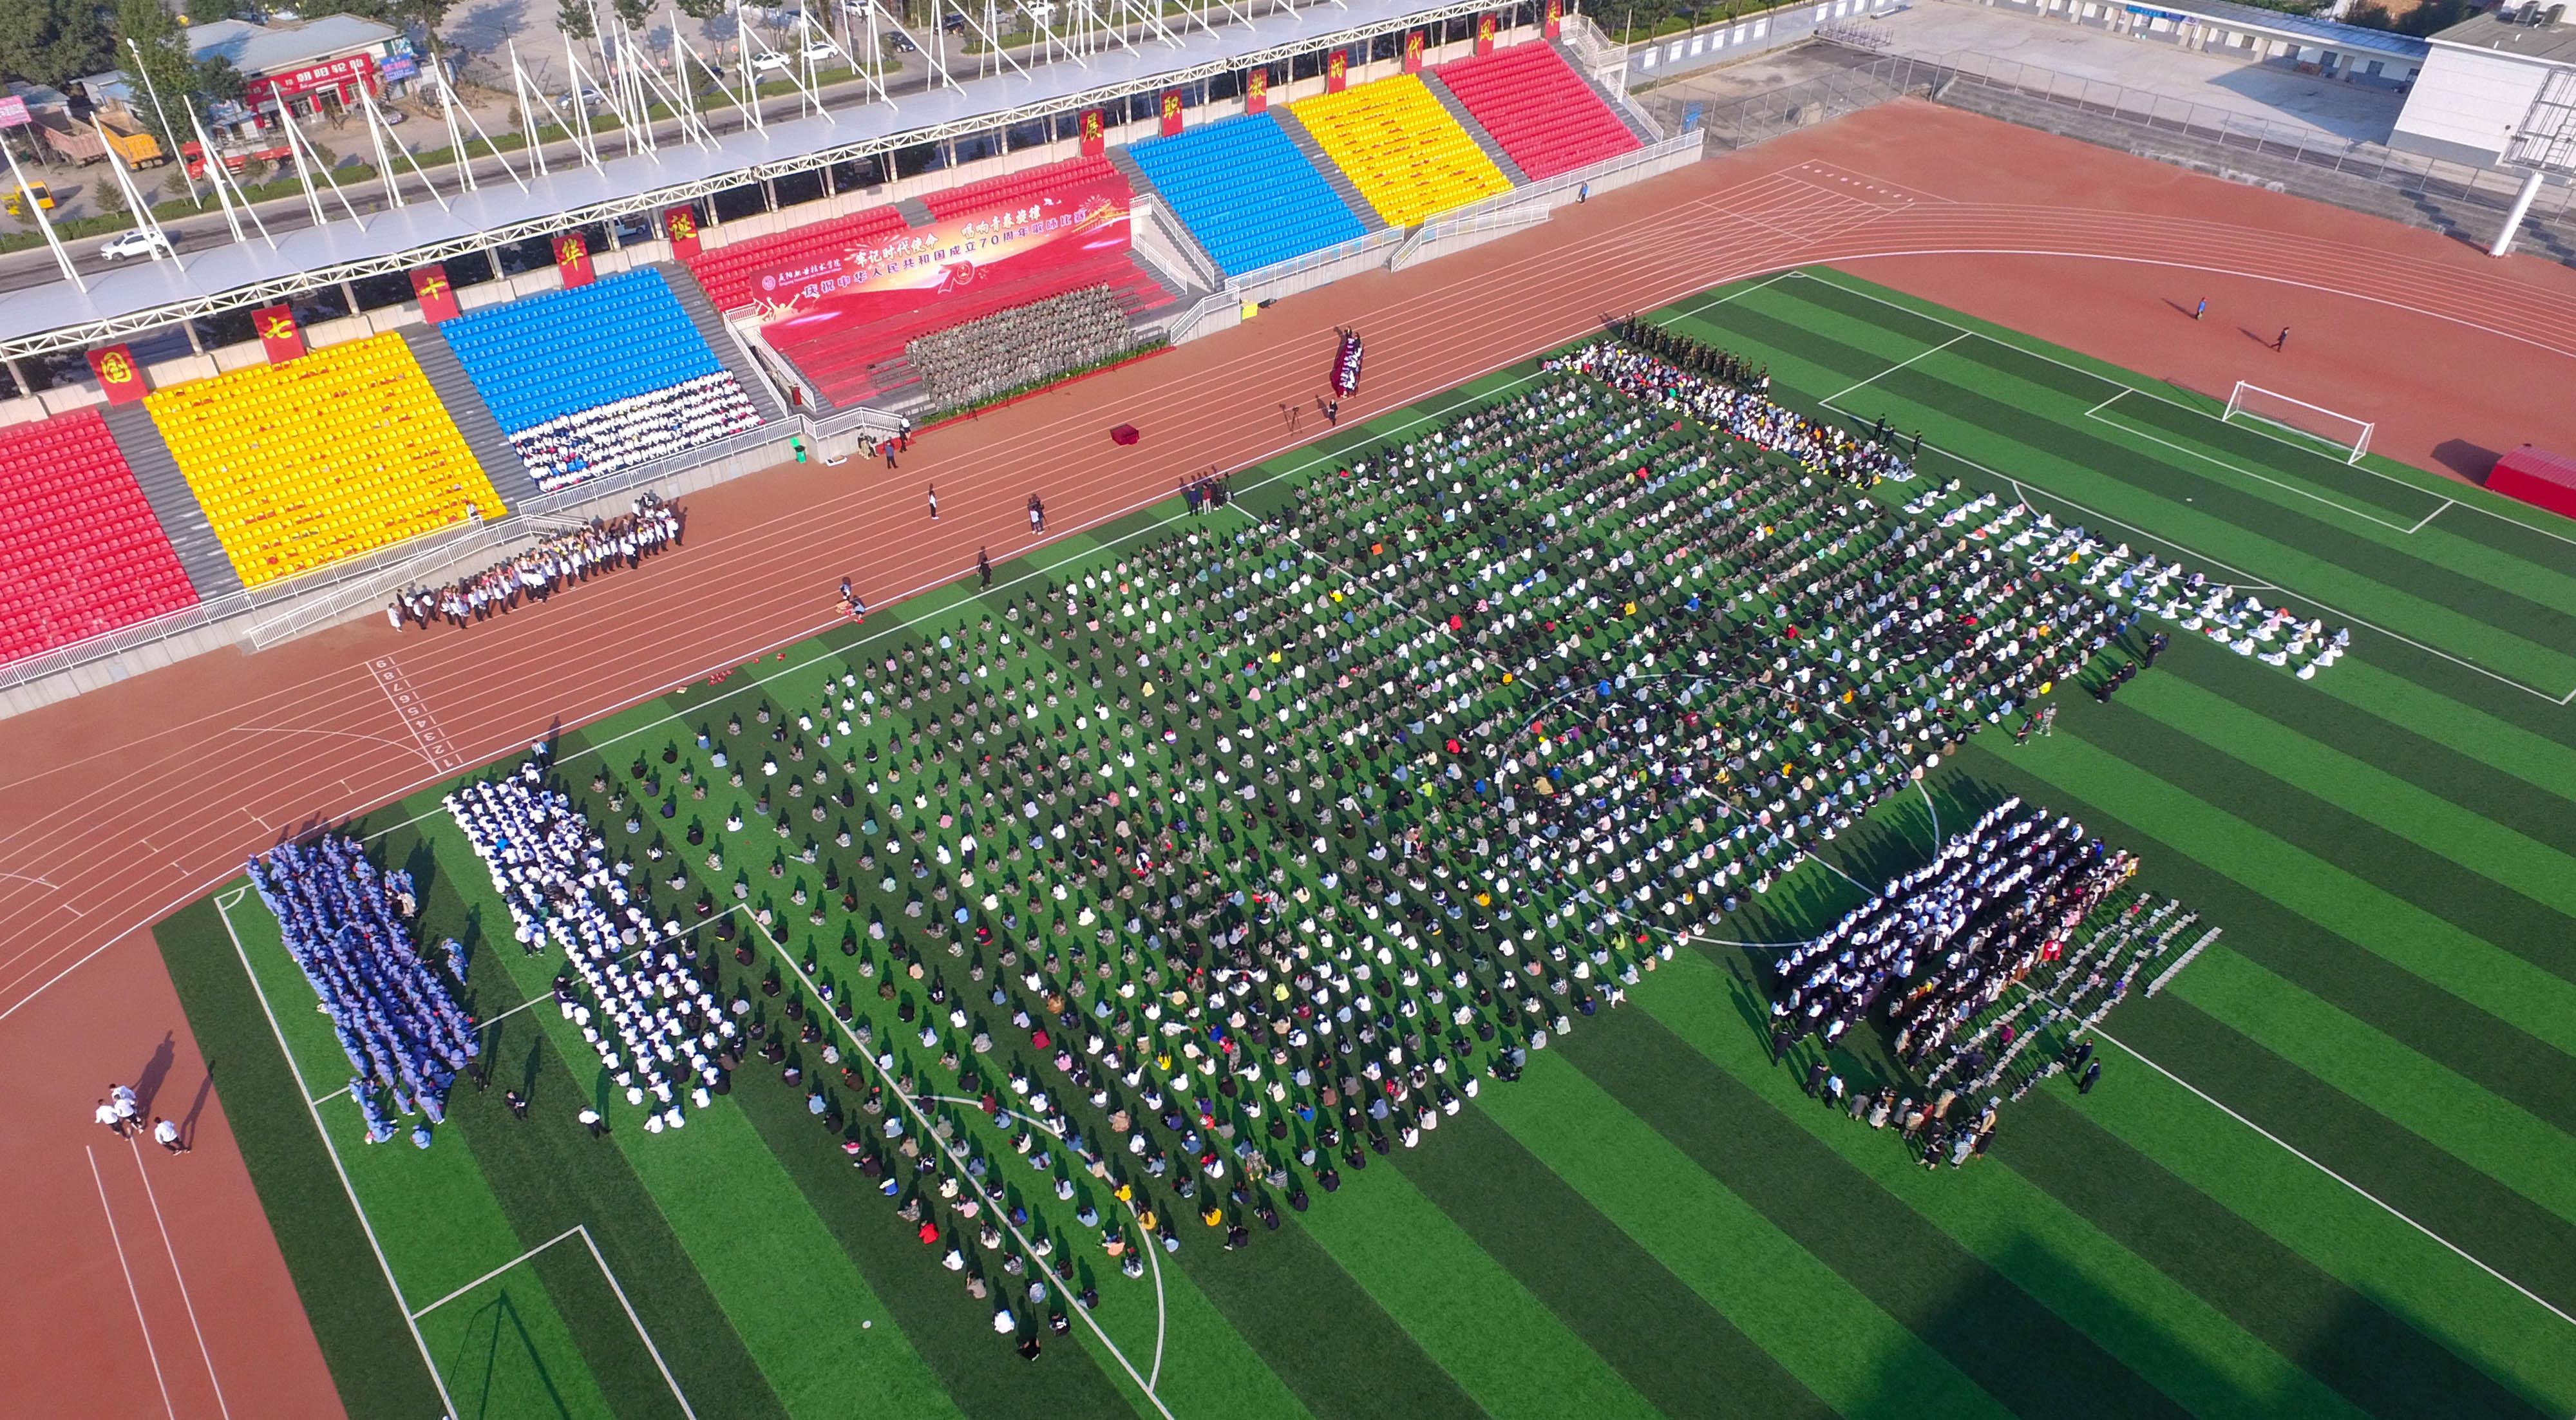 牢记时代使命  唱响青春旋律——beplay体育官网举办庆祝中华人民共和国成立70周年歌咏比赛